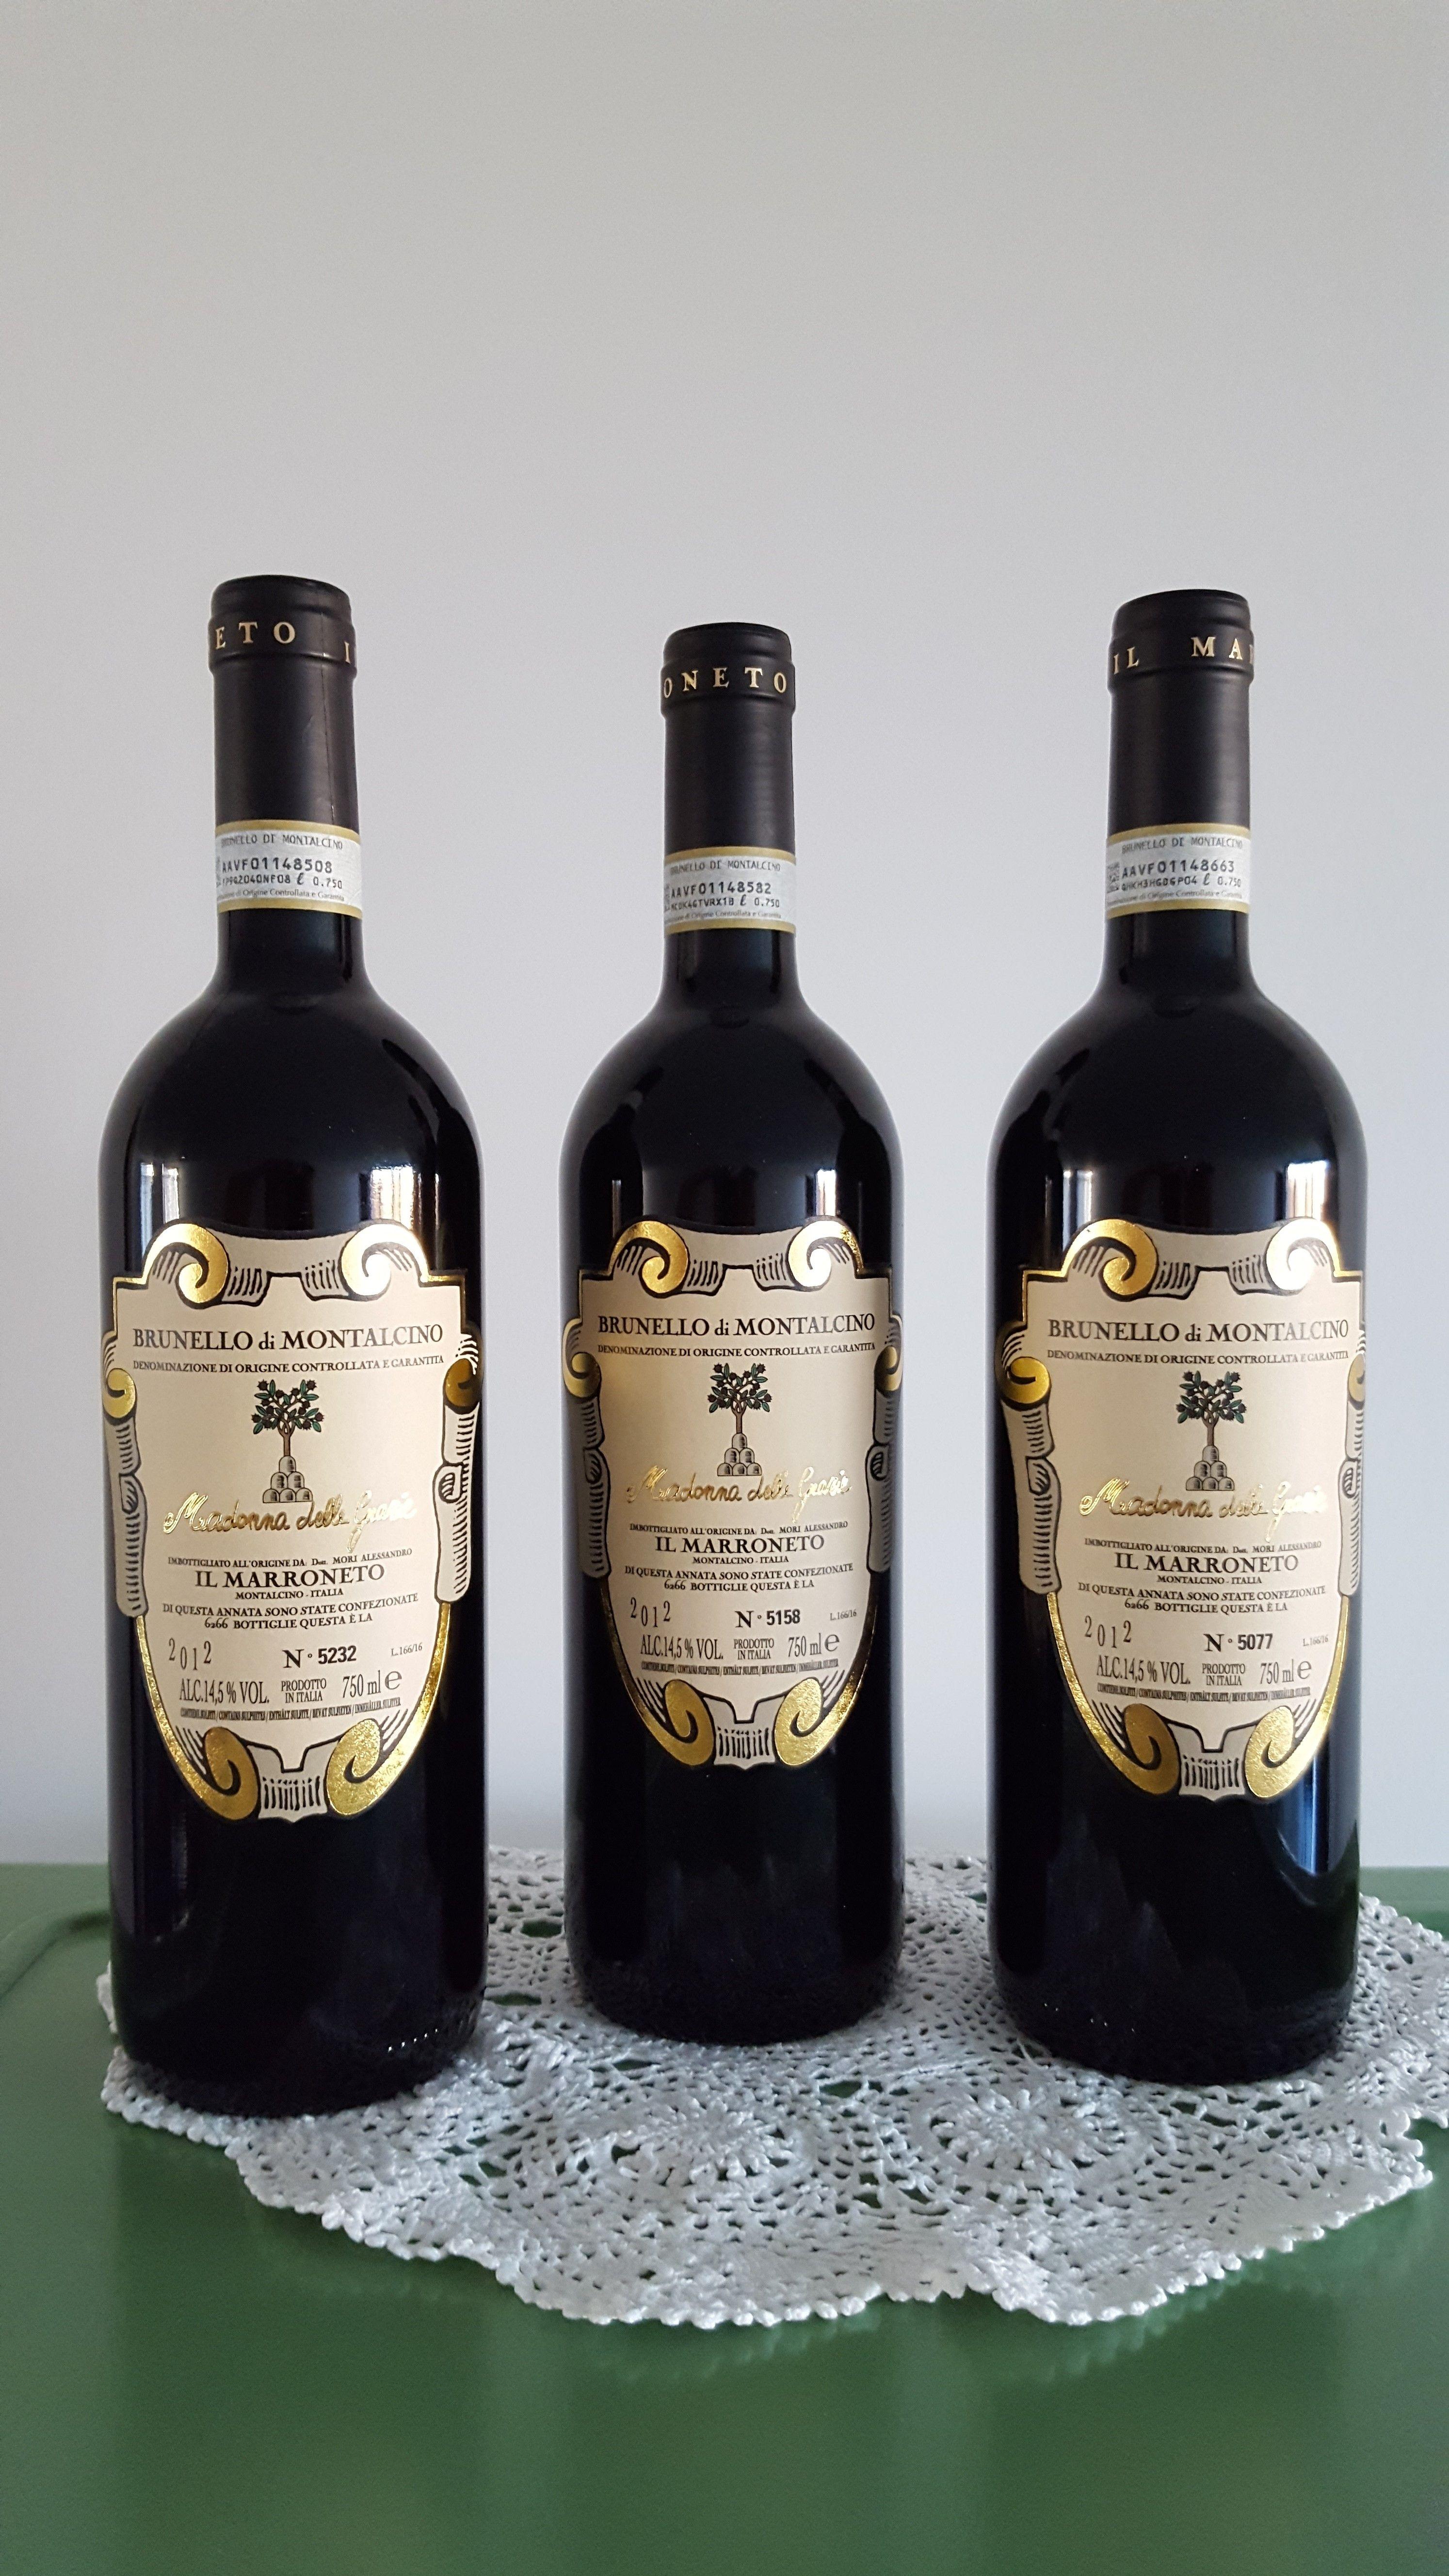 Il Marroneto Brunello Di Montalcino Madonna Delle Grazie 2012 RP 99 100